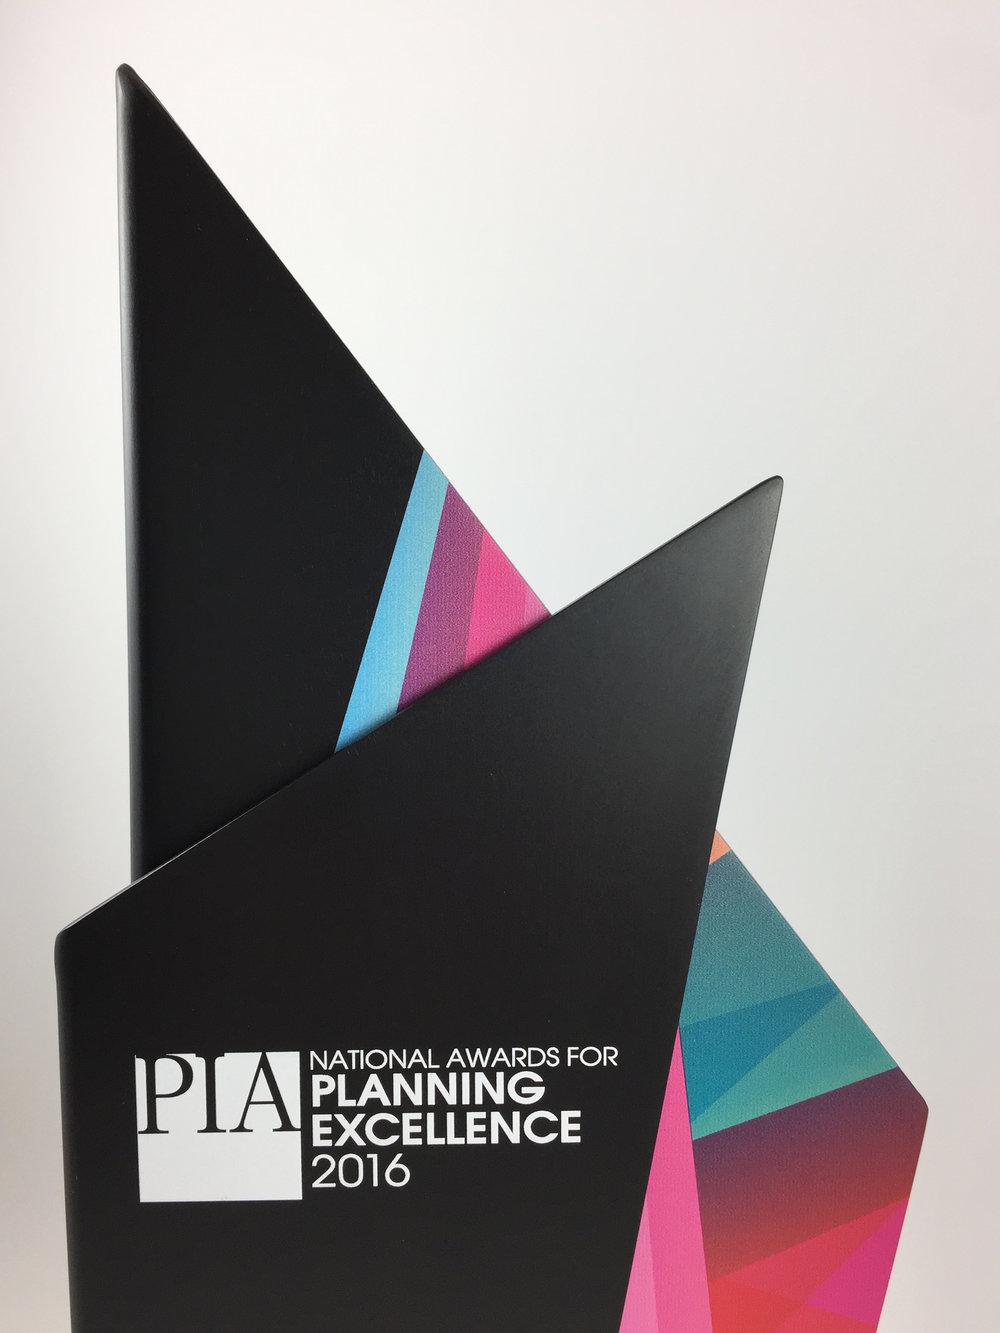 Planning-Institute-Australia-award-aluminium-trophy-03.jpg